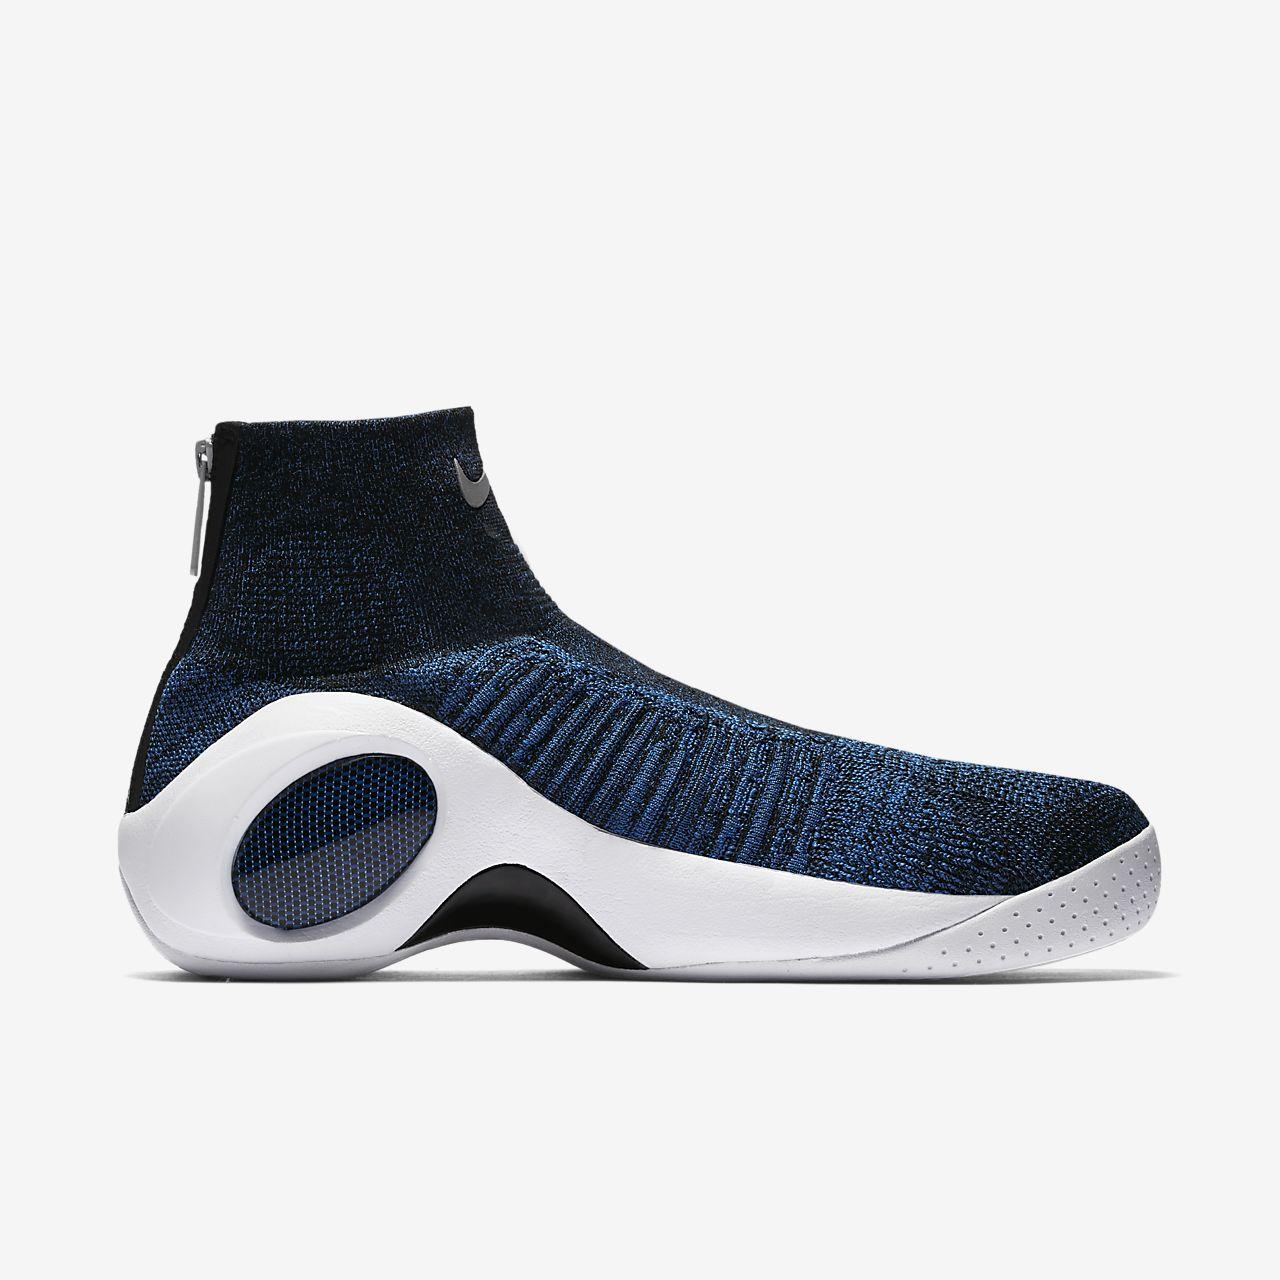 Flight Nike Pour HommeBe Chaussure Bonafide hQsBdotrCx